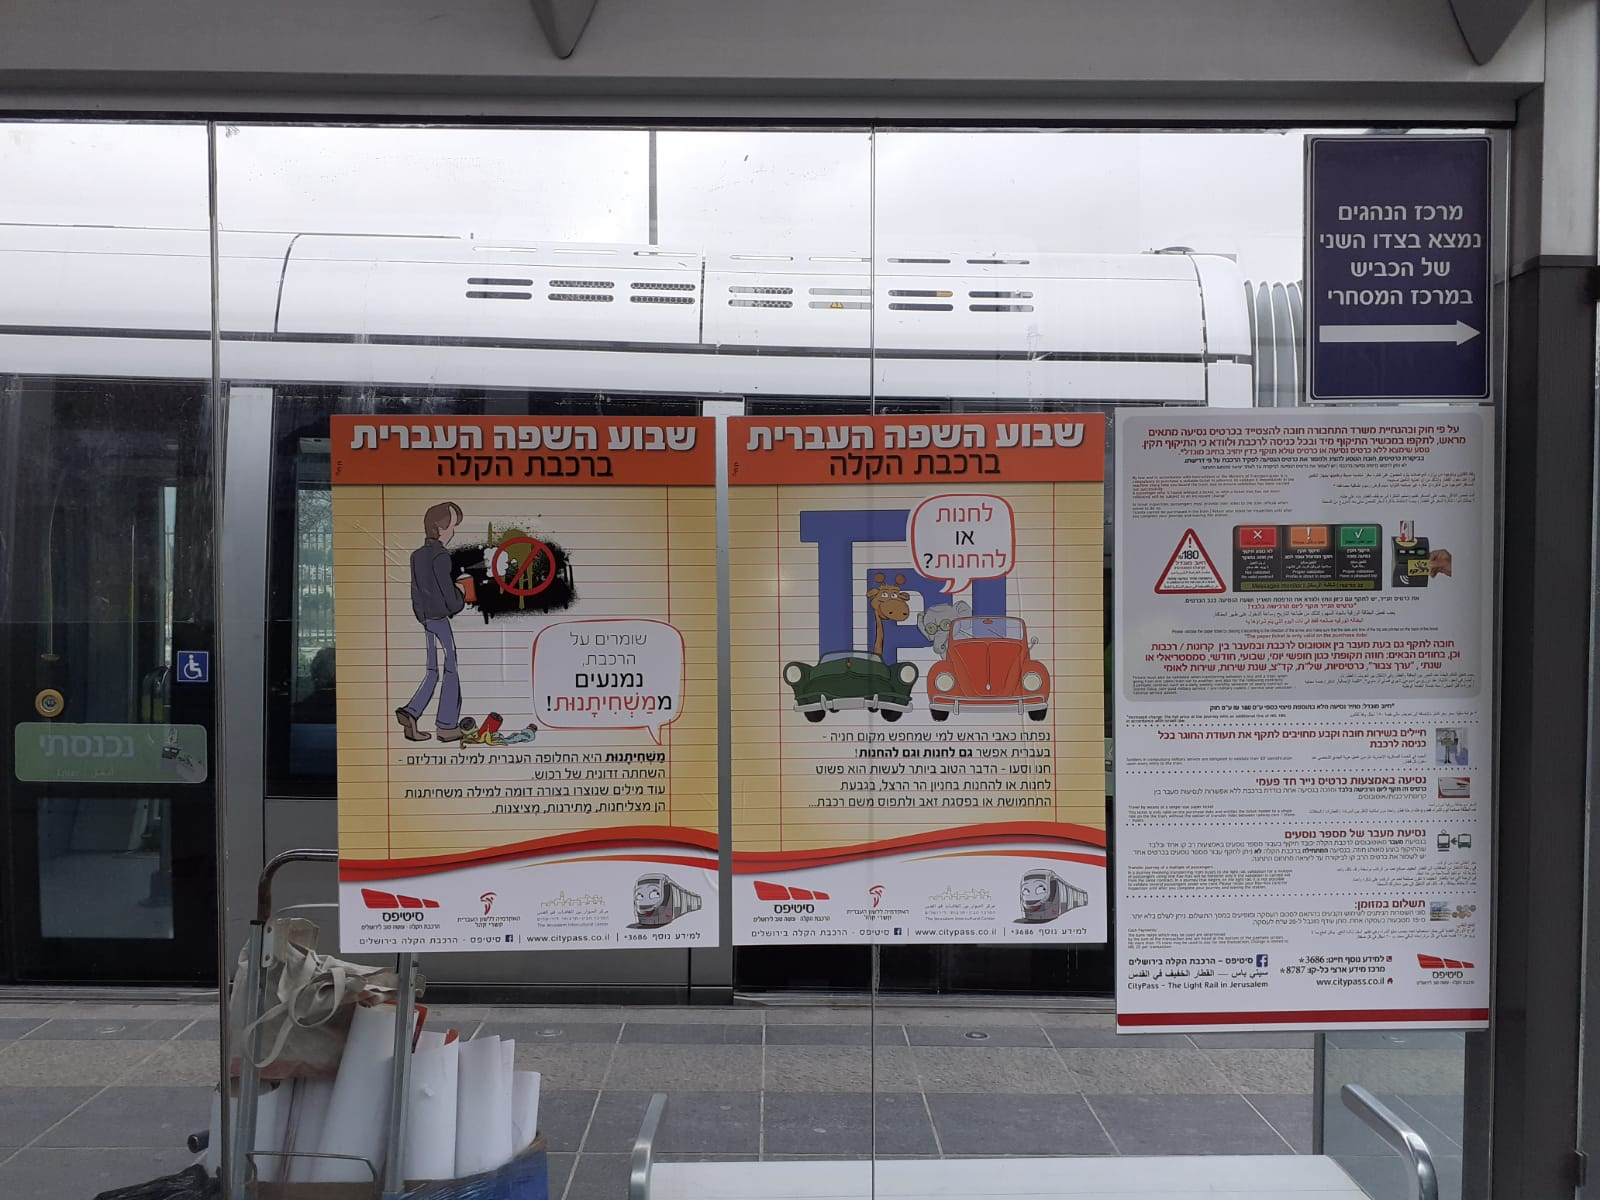 כרזות בתחנות רכבת קלה בירושלים בשבוע השפה העברית 2020 סיטיפס